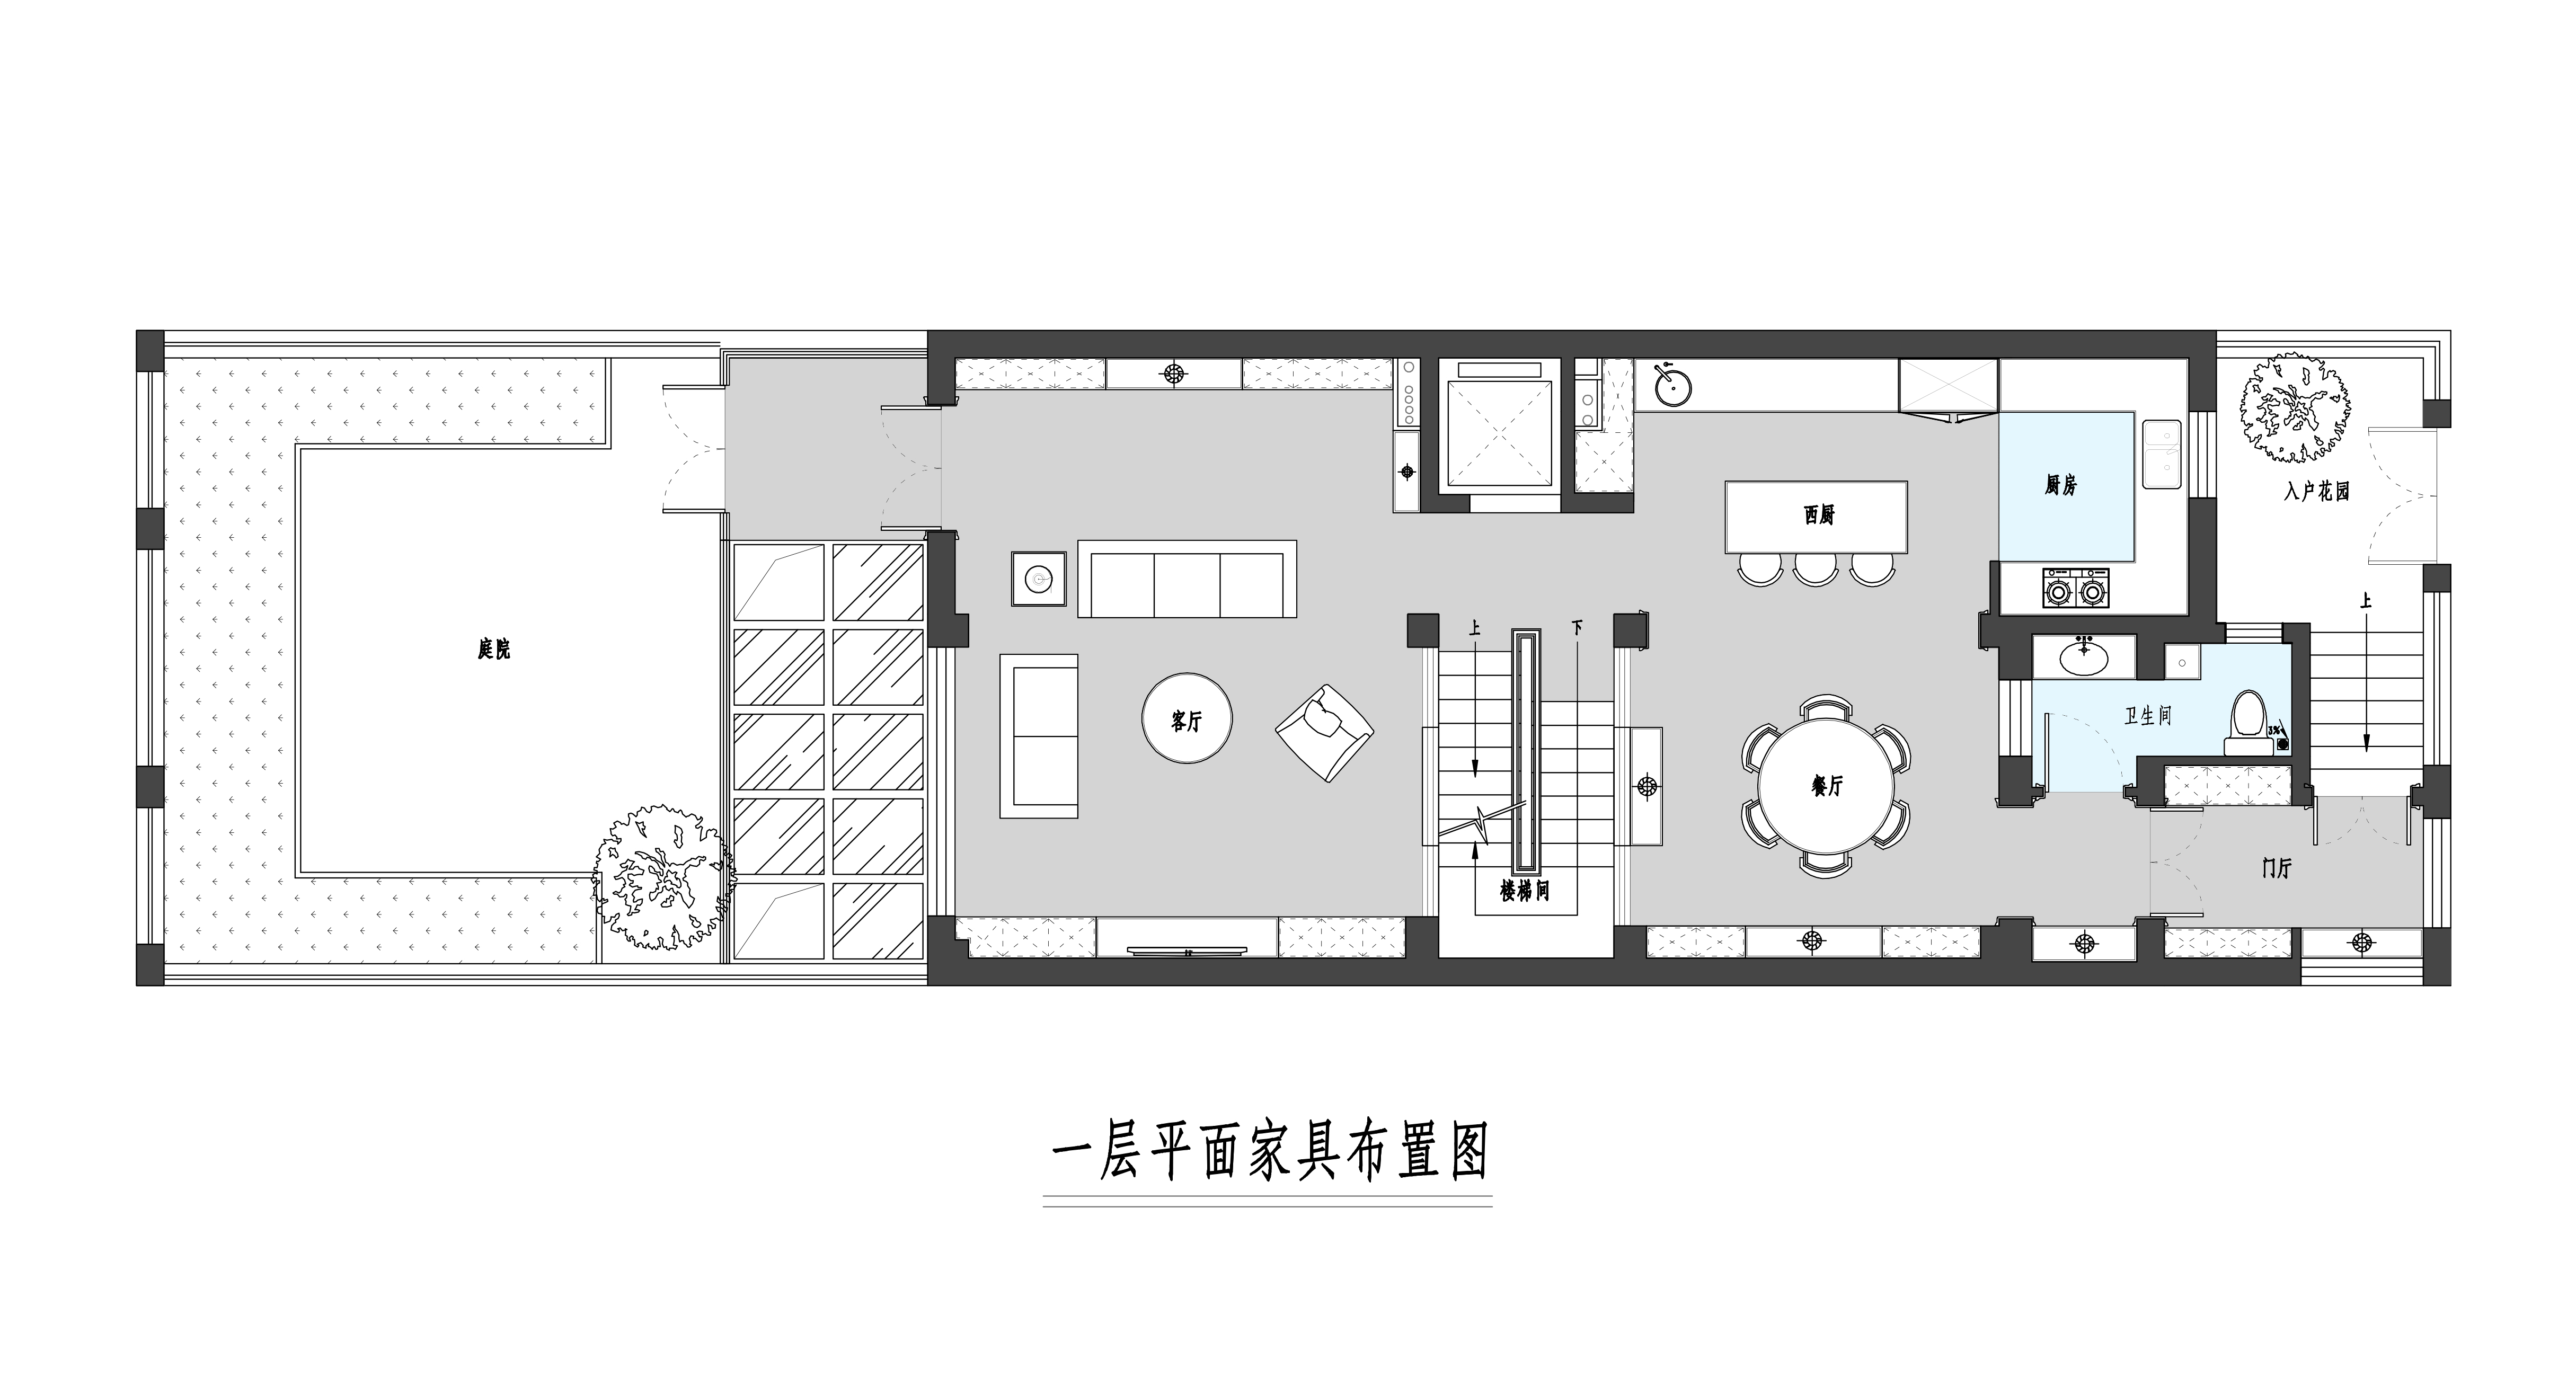 亚运新新家园-348平米-简约美式装修设计理念